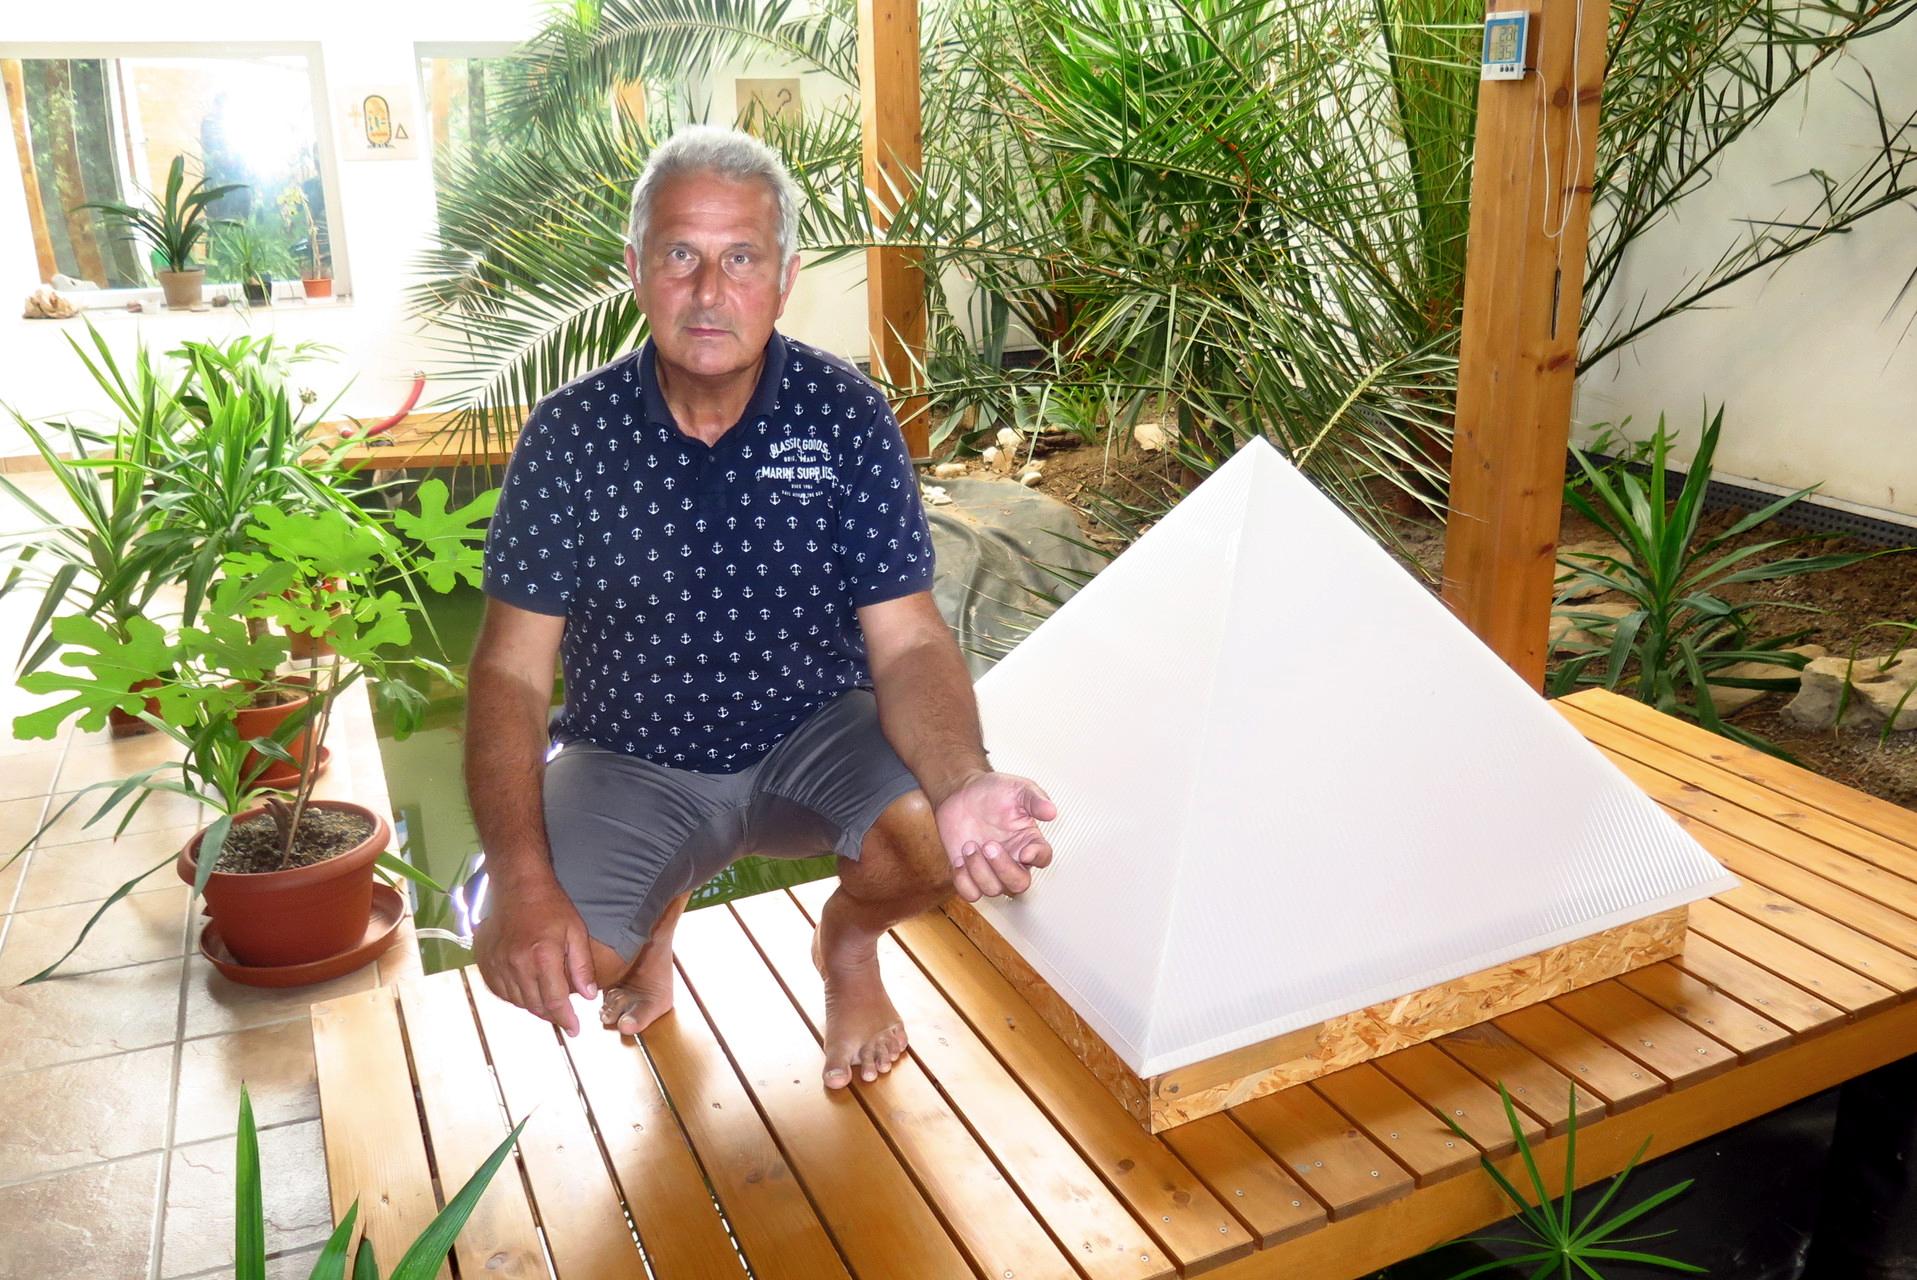 Inženýr z Postoupek chtěl zjistit, co umějí, pyramidy. Tak si jich pár postavil